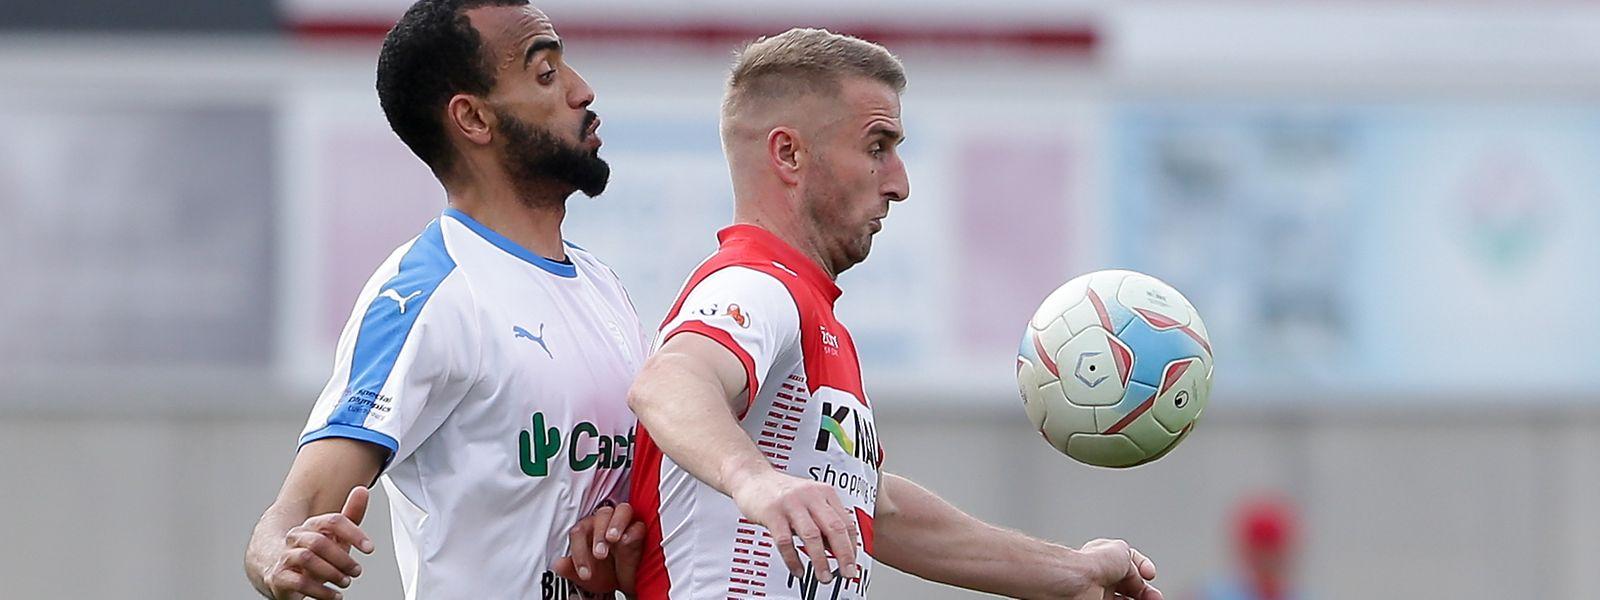 Sanel Ibrahimovic (r.) und die Wiltzer haben in Petingen keine Chance.